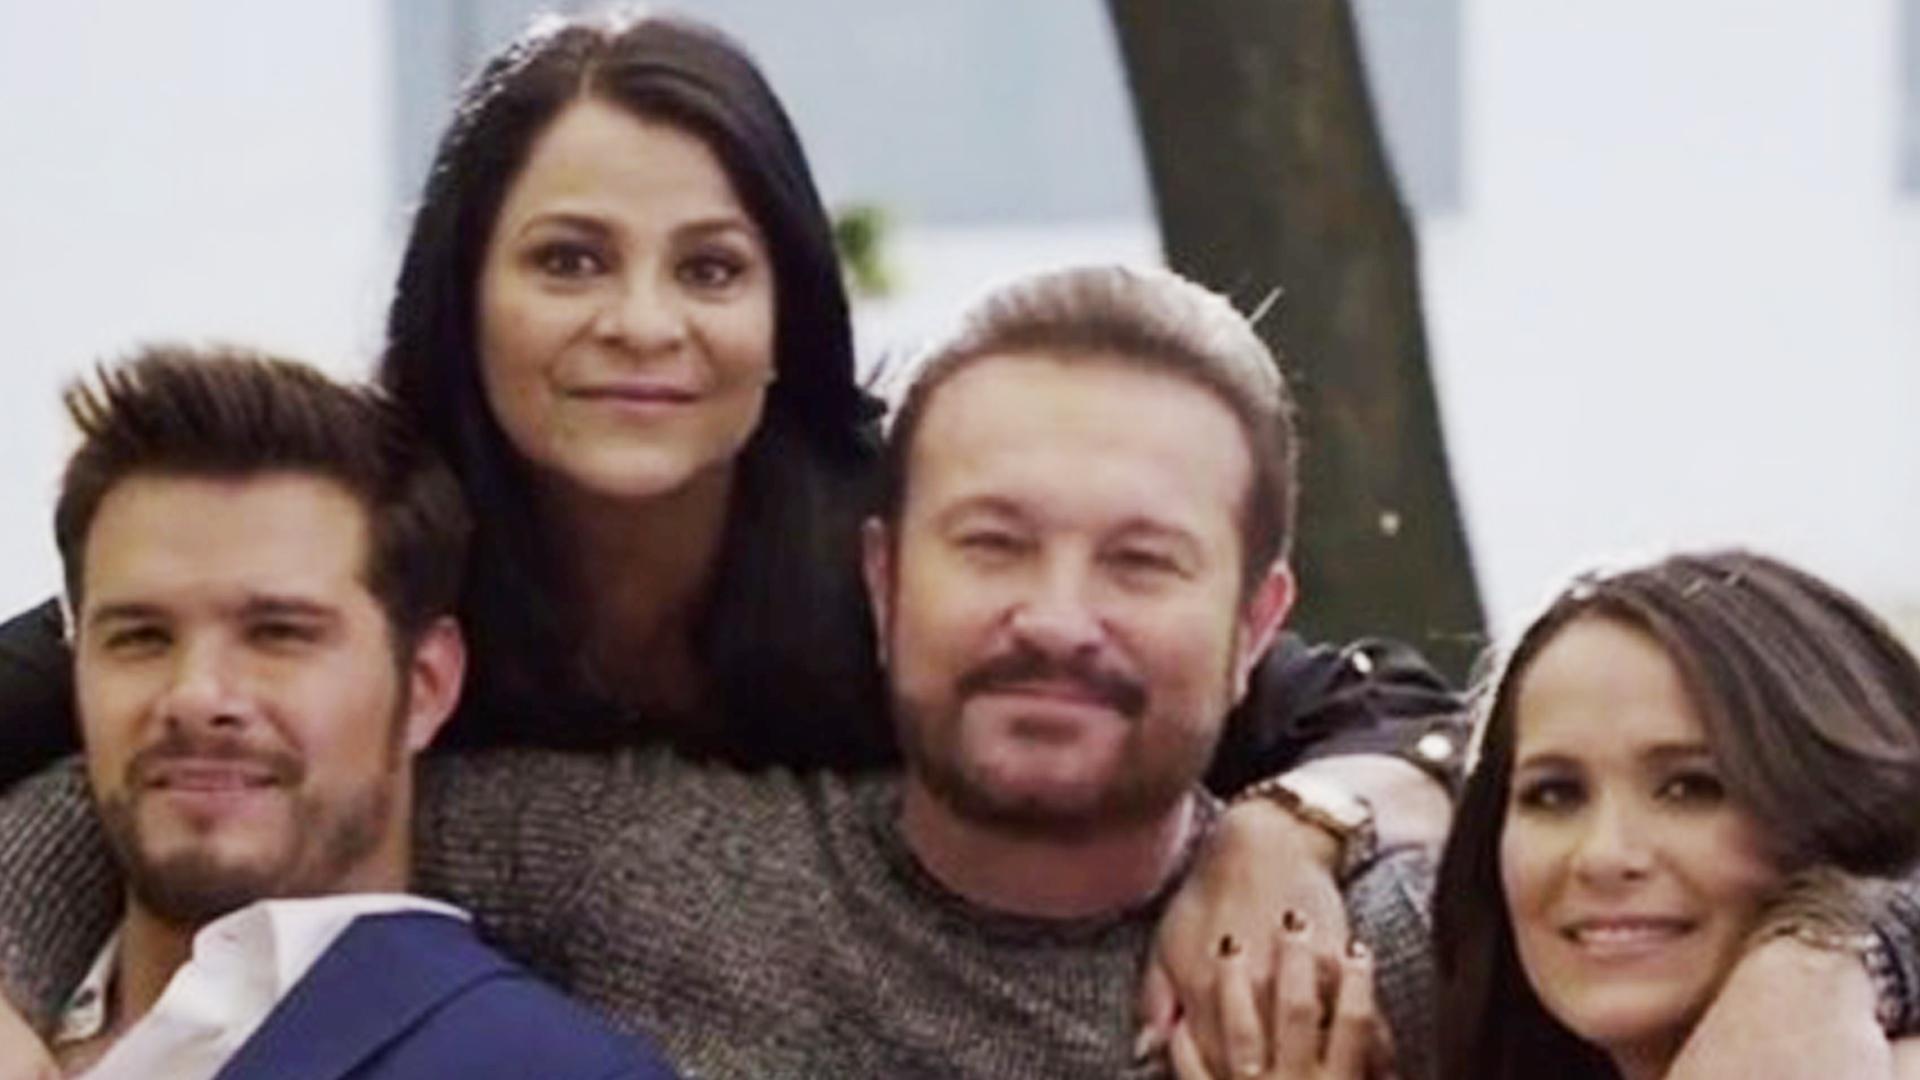 La familia de Arturo Peniche rompe el molde entre las familias de actores - Univision